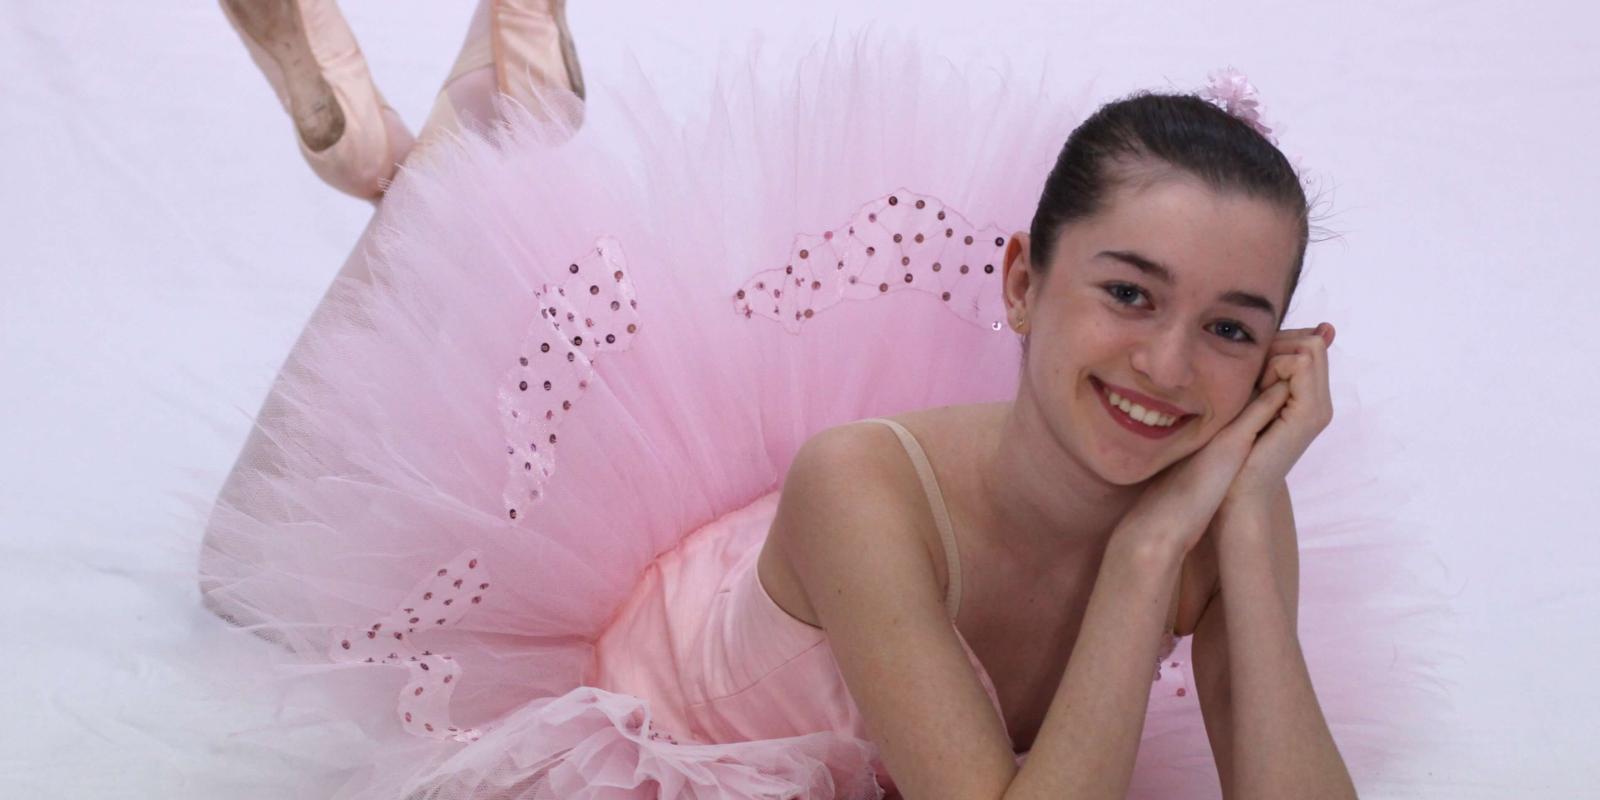 Lewis Allsopp School of Dancing